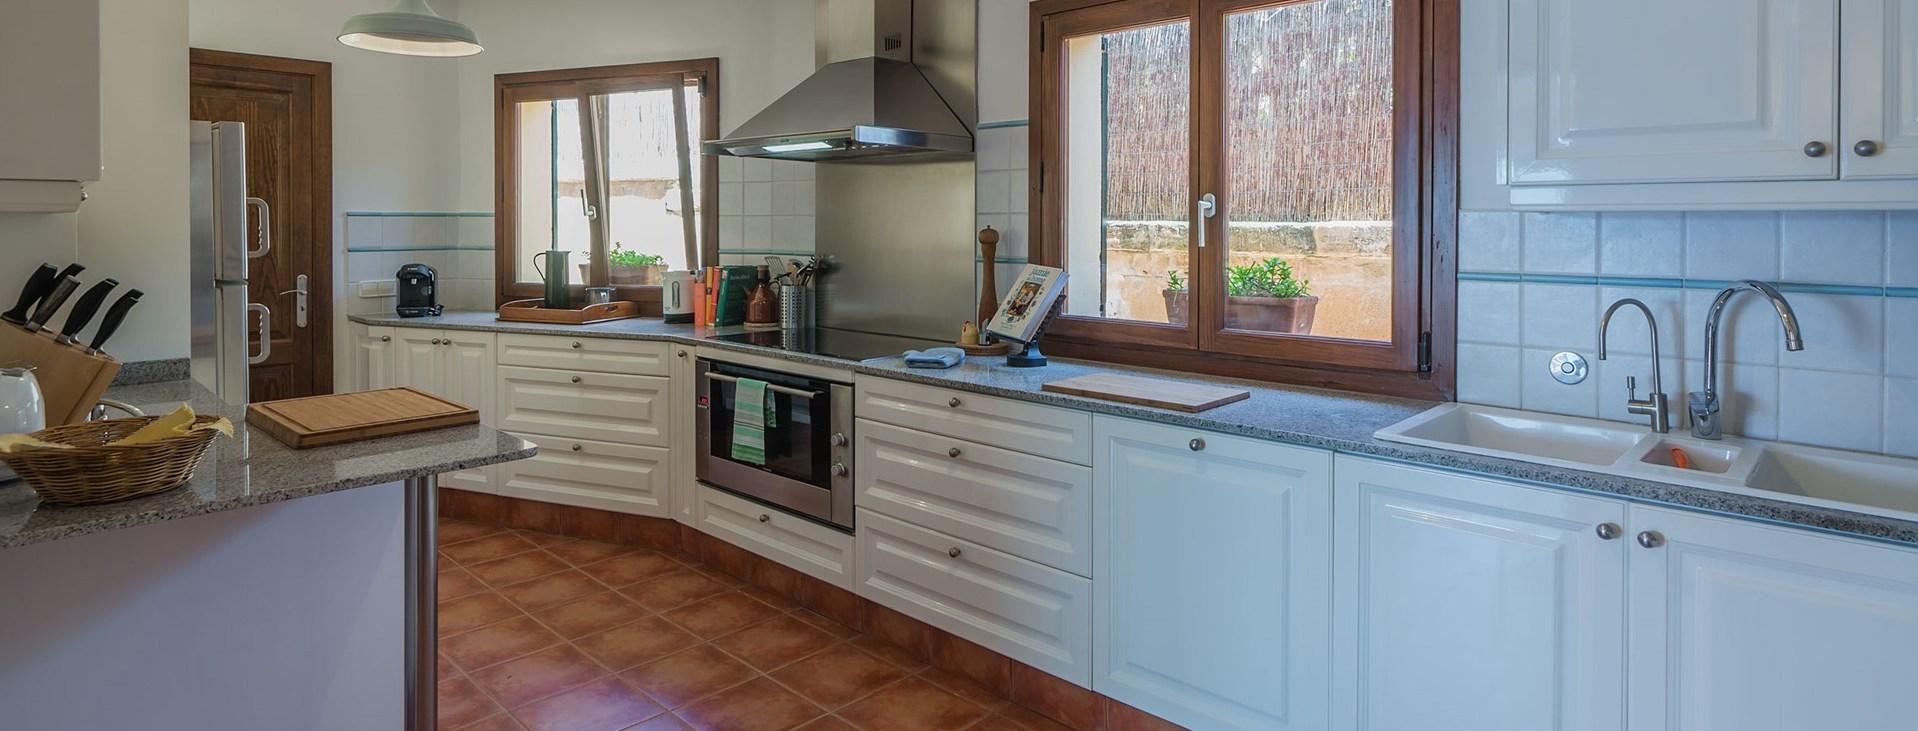 villa-el-mirador-mallorca-kitchen